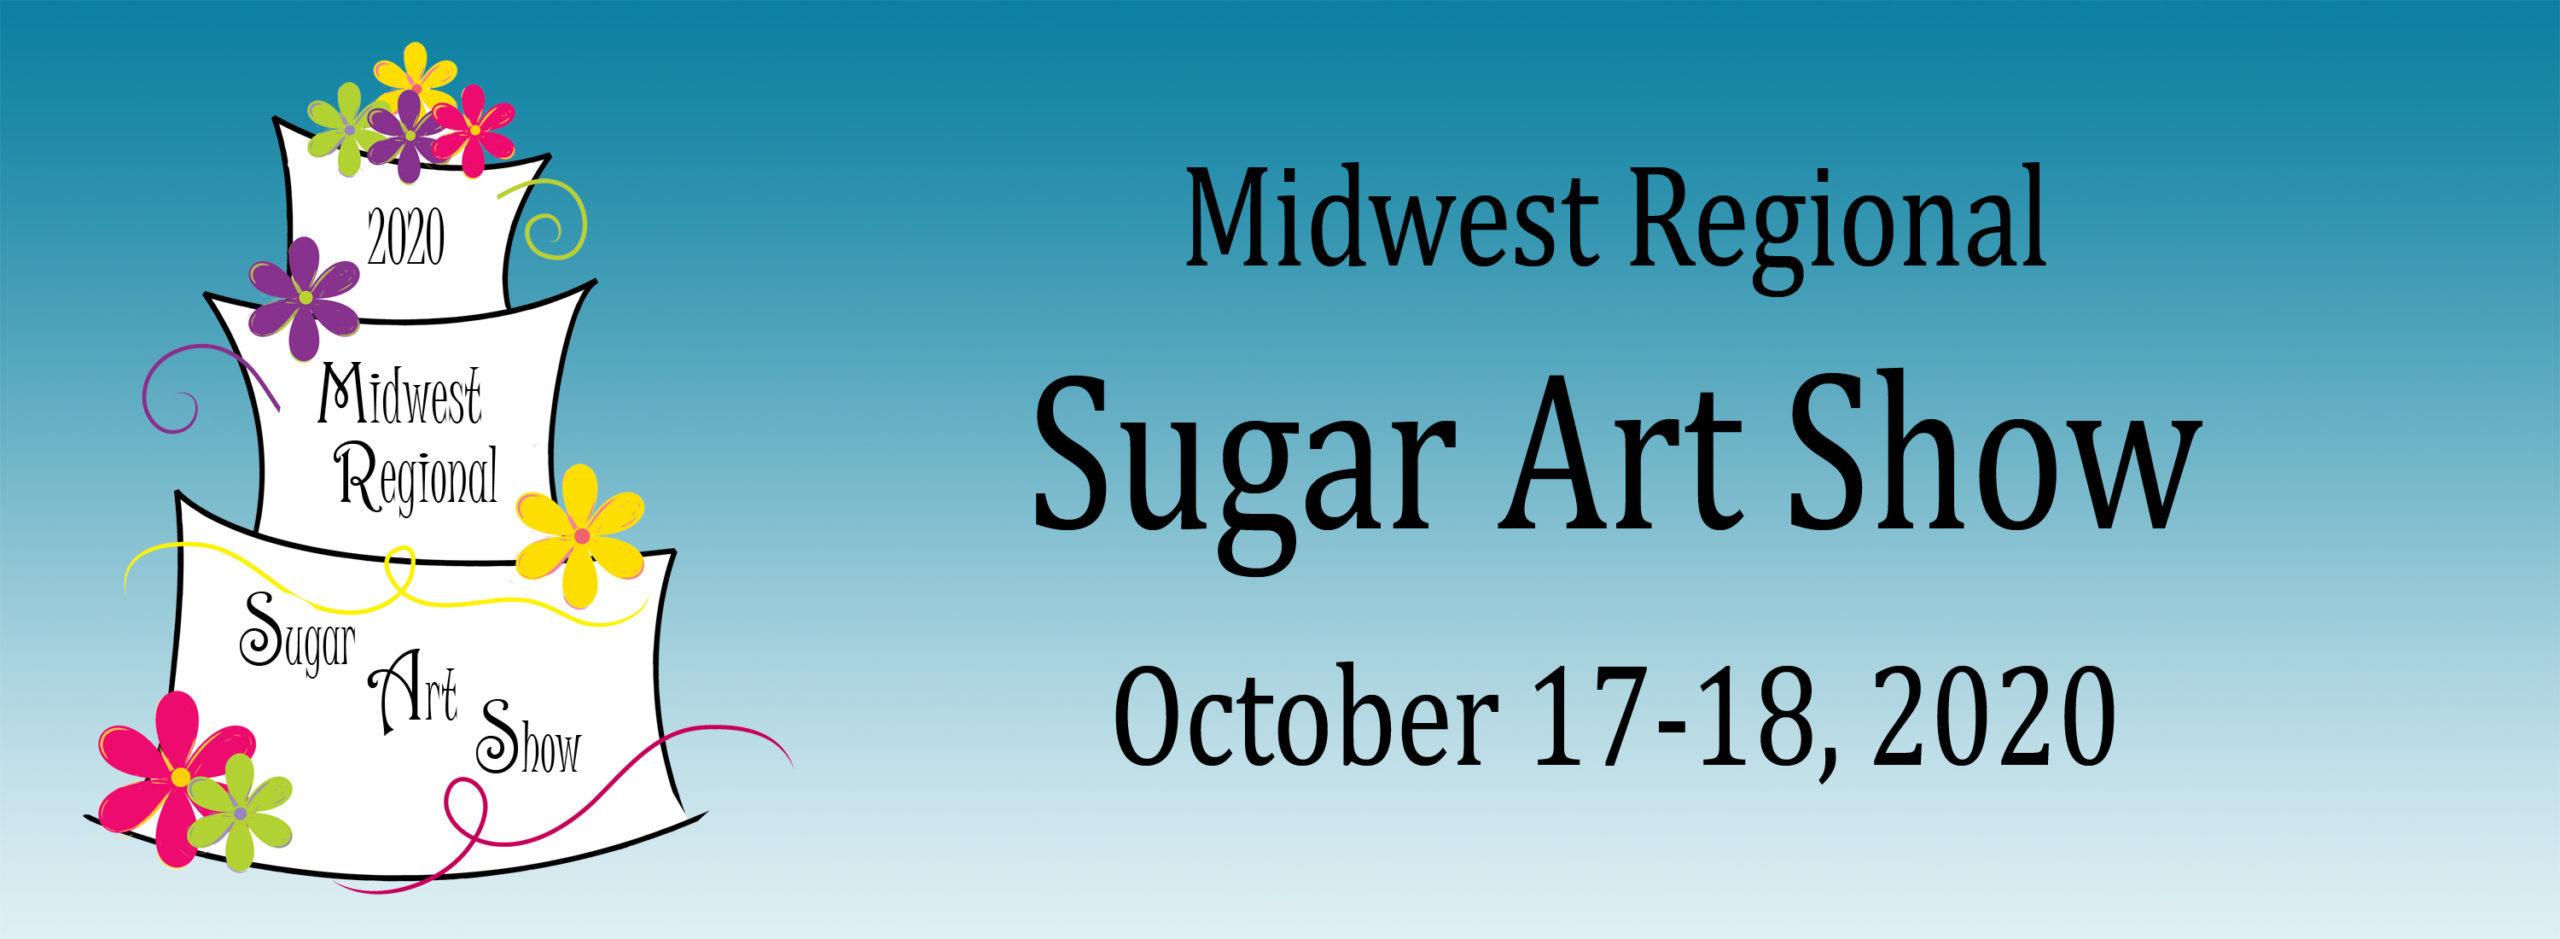 Midwest Regional Sugar Art Show